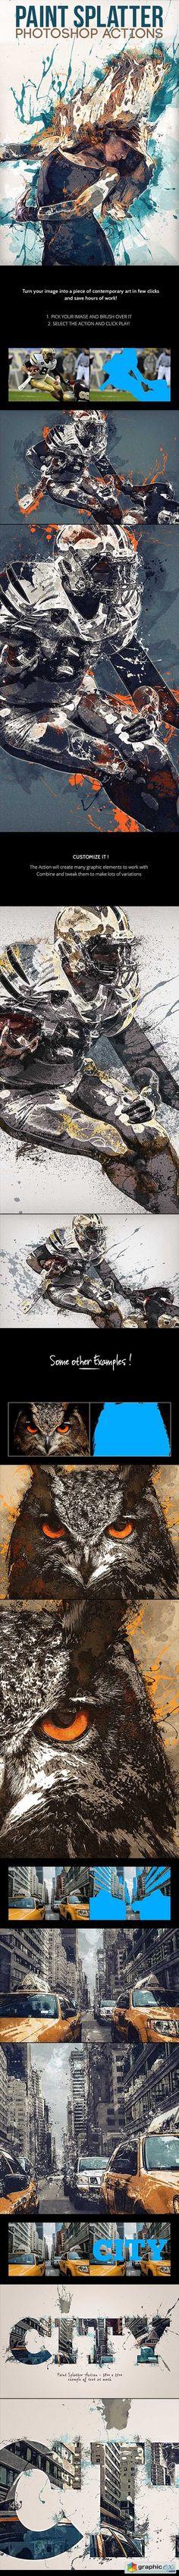 Paint Splatter - Photoshop Actions